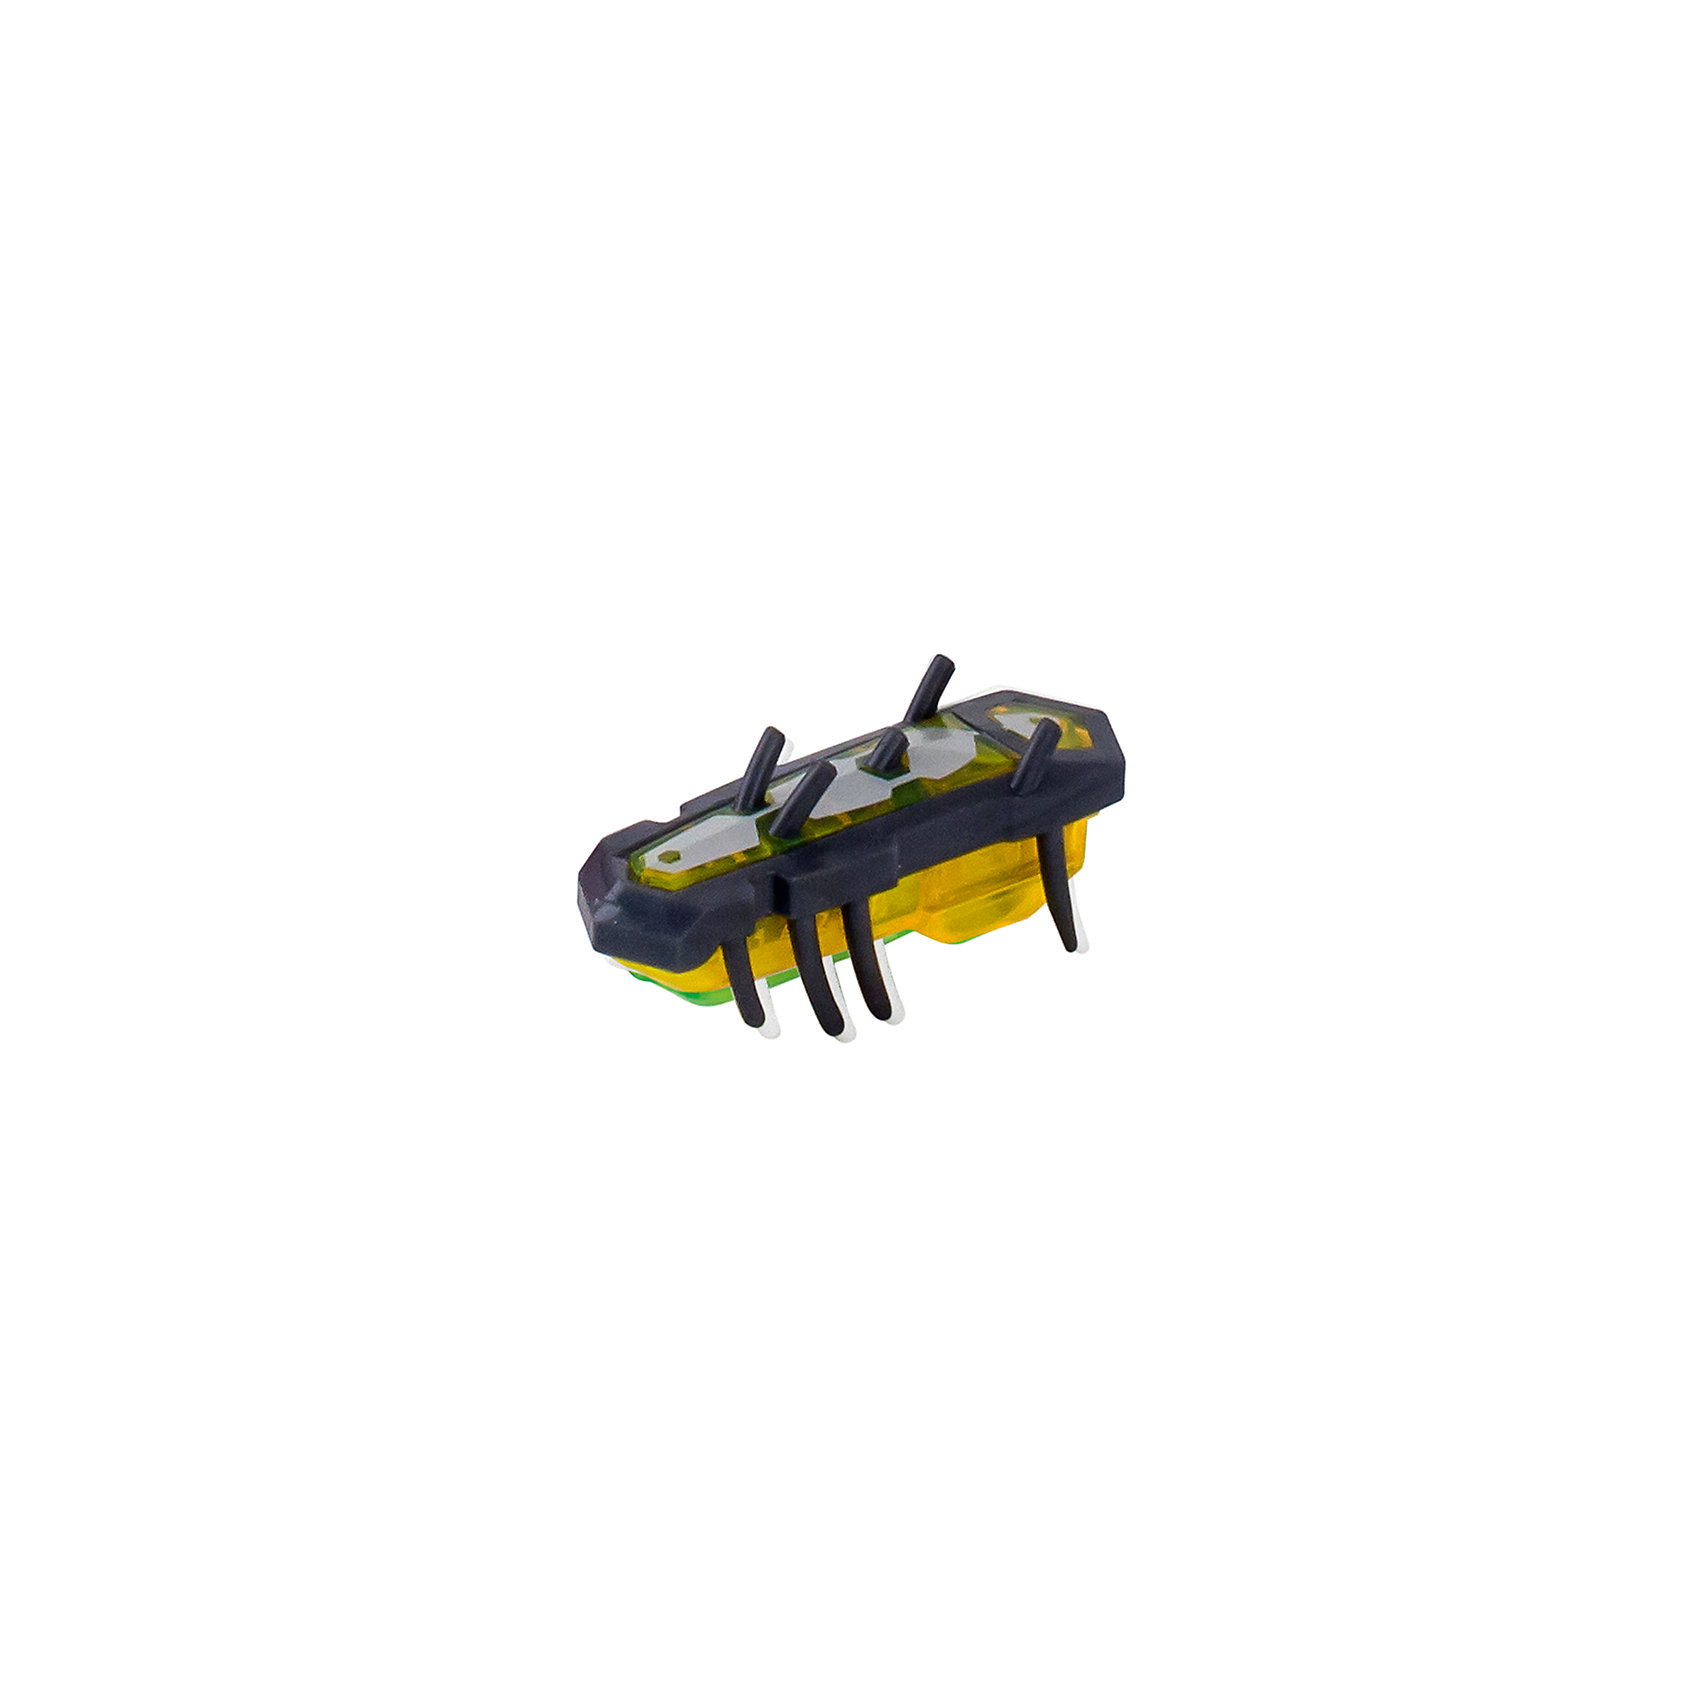 Микро-робот Nano Nitro Single , серо-черный, HexbugИнтерактивные игрушки для малышей<br>Микро-робот Nano Nitro Single, серо-черный, Hexbug (Хексбаг)<br><br>Характеристики:<br><br>• быстро меняет траекторию движения<br>• самостоятельно переворачивается<br>• карабкается наверх<br>• мощный моторчик<br>• устойчив к повреждениям<br>• 8 ножек снизу и 5 сверху<br>• батарейки: AG13 - 1 шт. (входит в комплект)<br>• размер: 1,4х2х4,2 см<br>• вес: 8 грамм<br>• цвет: серо-черный<br>• материал: пластик<br>• размер упаковки: 13х5х3 см<br>• вес: 65 грамм<br><br>Микро-робот Nano Nitro Single очень напоминает настоящего жучка. Он также быстро бегает, меняет траекторию движения и даже самостоятельно переворачивается в случае падения. Благодаря усовершенствованному моторчику жучок способен карабкаться наверх по специальным трубочкам. Игрушка подходит для старых и новых моделей нанодромов Hexbug.<br><br>Микро-робота Nano Nitro Single, серо-черный, Hexbug (Хексбаг) вы можете купить в нашем интернет-магазине.<br><br>Ширина мм: 9999<br>Глубина мм: 9999<br>Высота мм: 9999<br>Вес г: 9999<br>Возраст от месяцев: 36<br>Возраст до месяцев: 2147483647<br>Пол: Унисекс<br>Возраст: Детский<br>SKU: 5507231